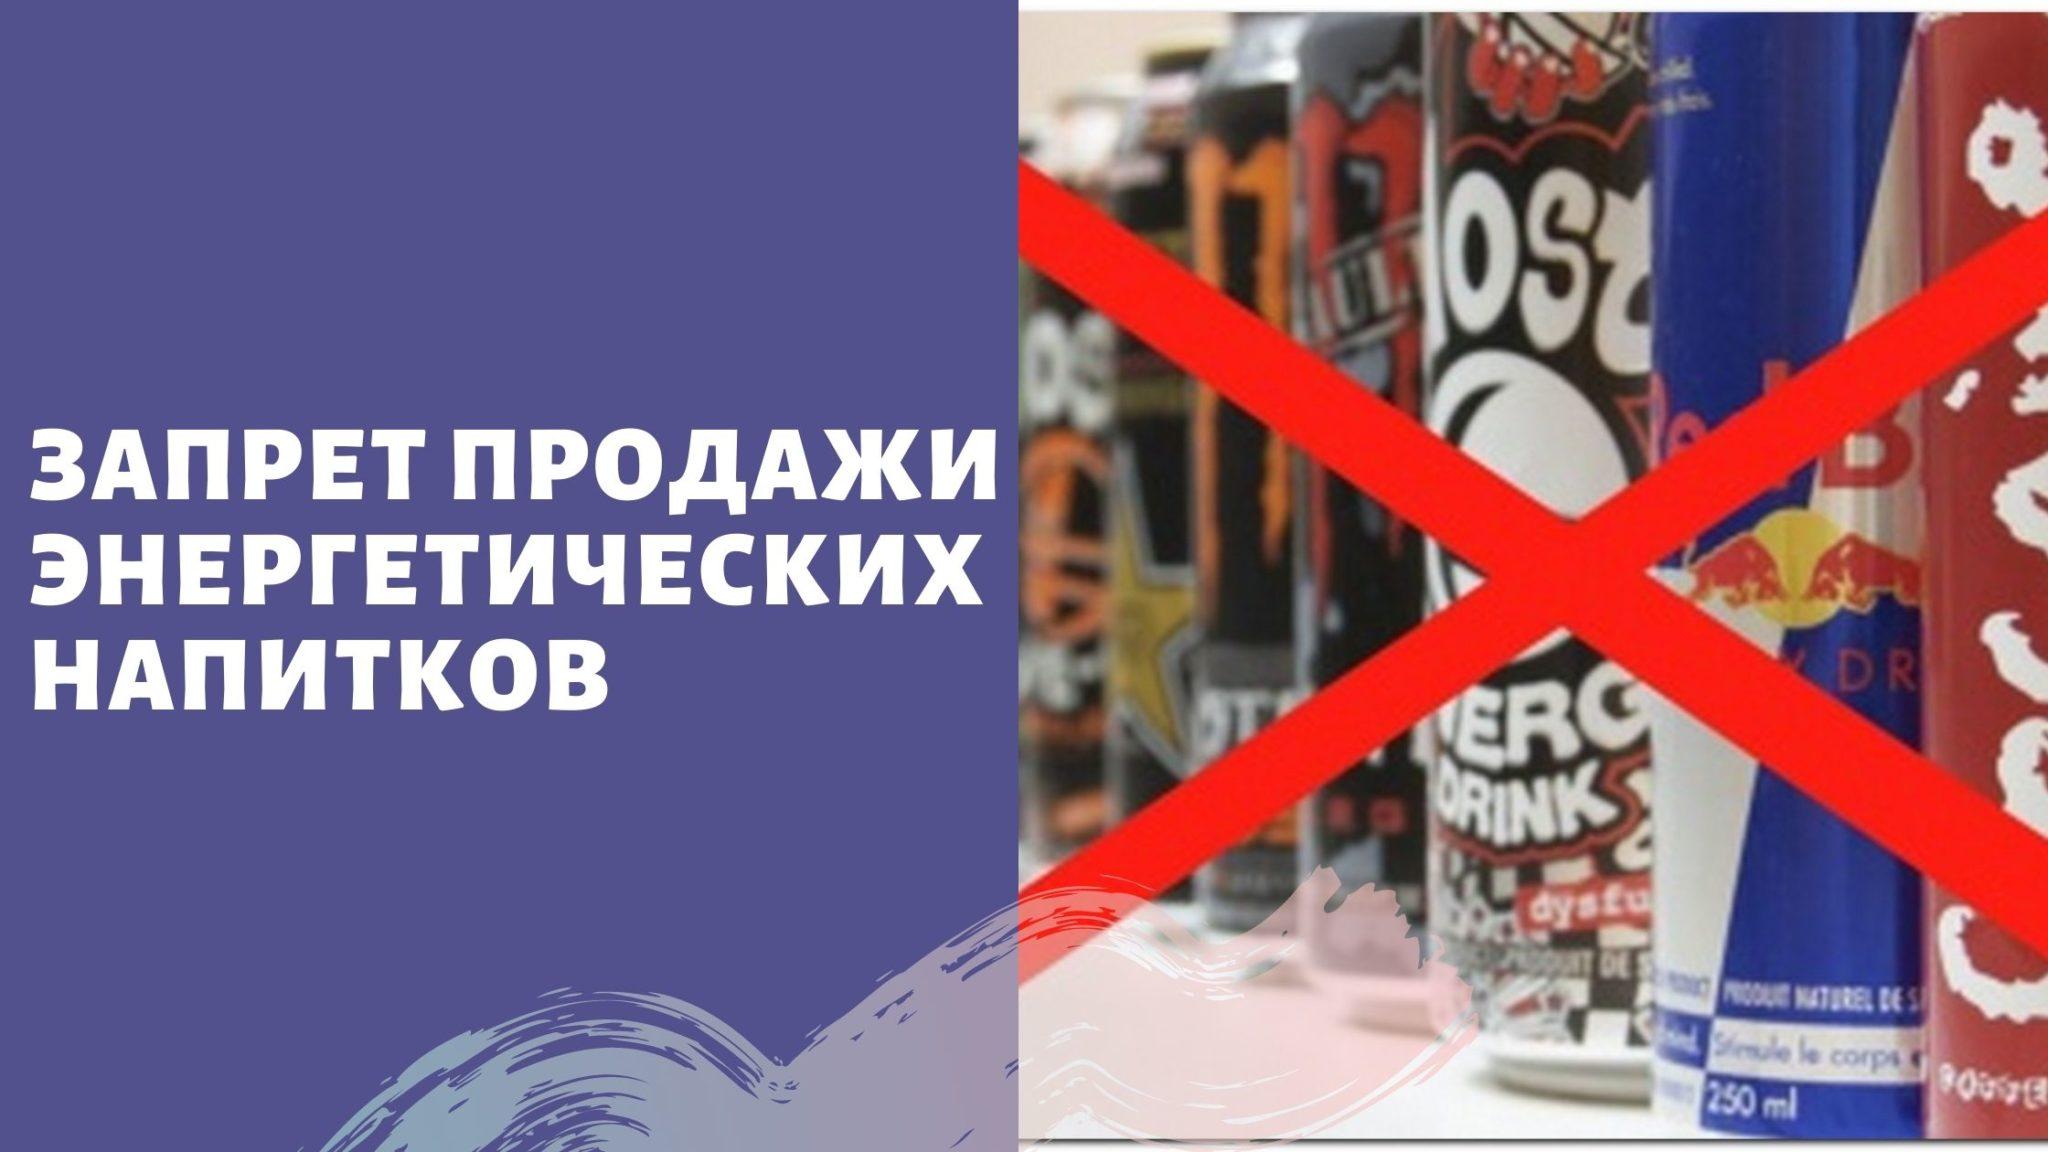 Запрет продажи энергетических напитков